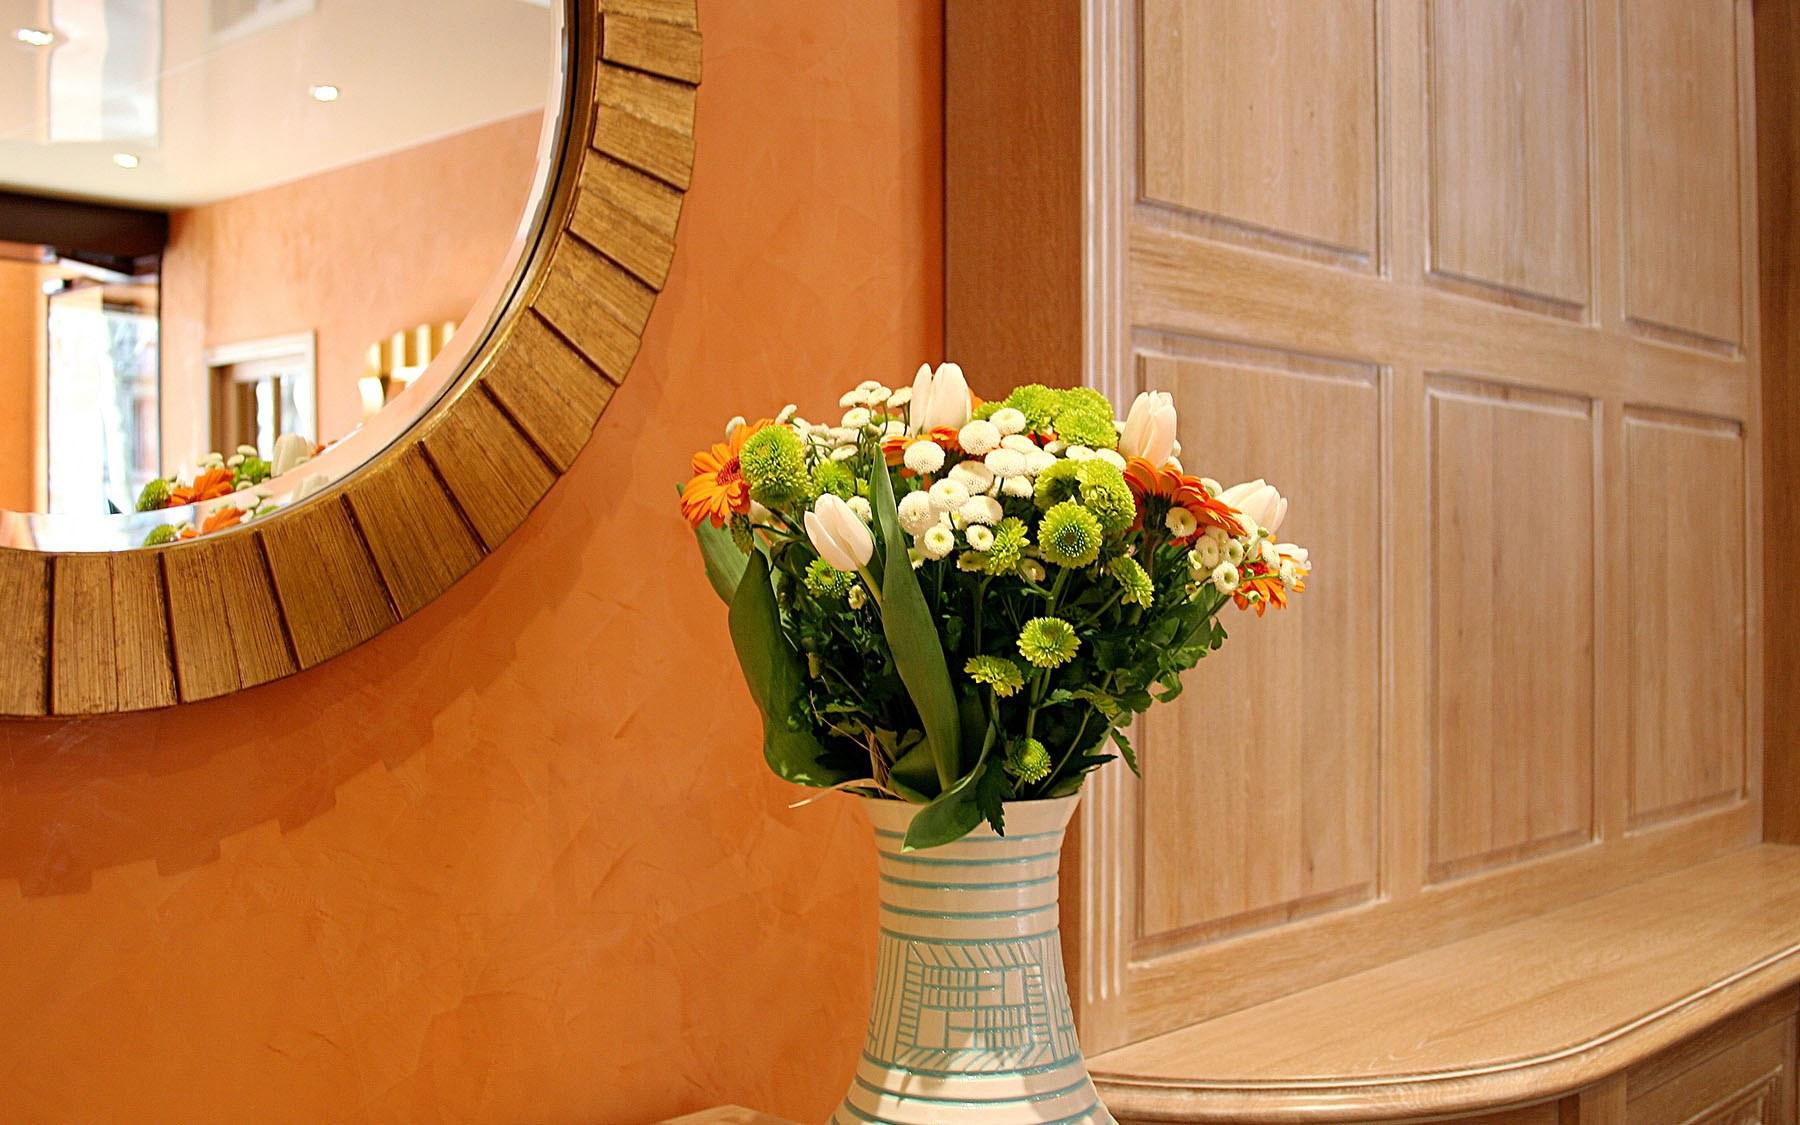 grand-hotel-dore-reception-lobby-04